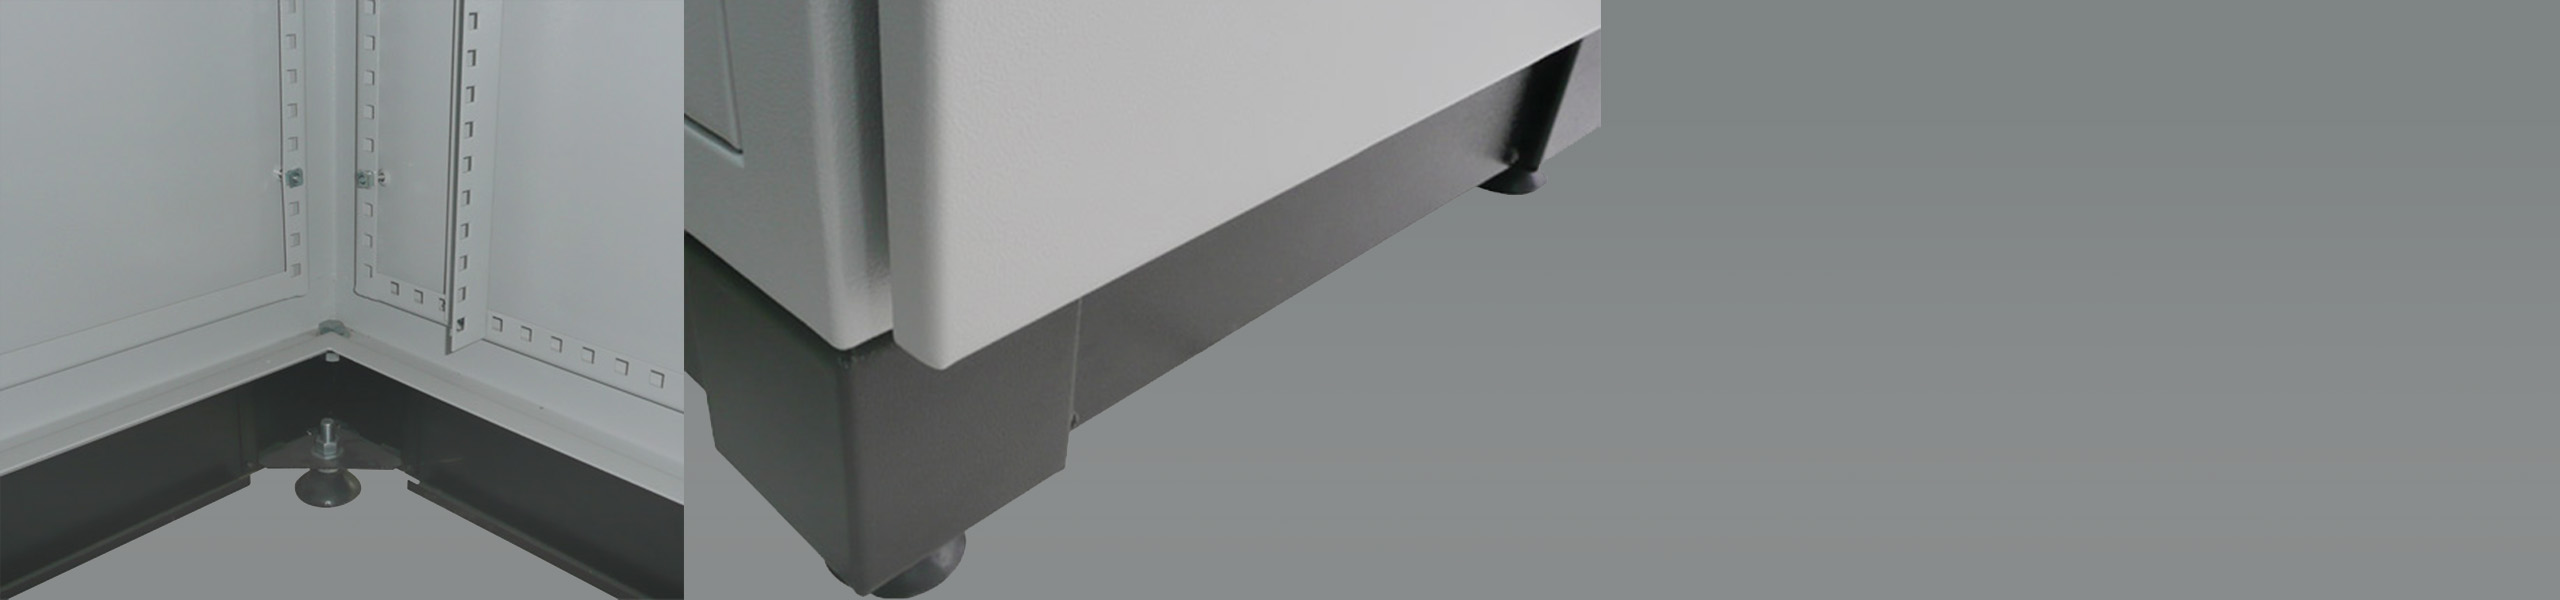 banner_superior_tecniases_accesorios_gap_gabinete_autoportante_